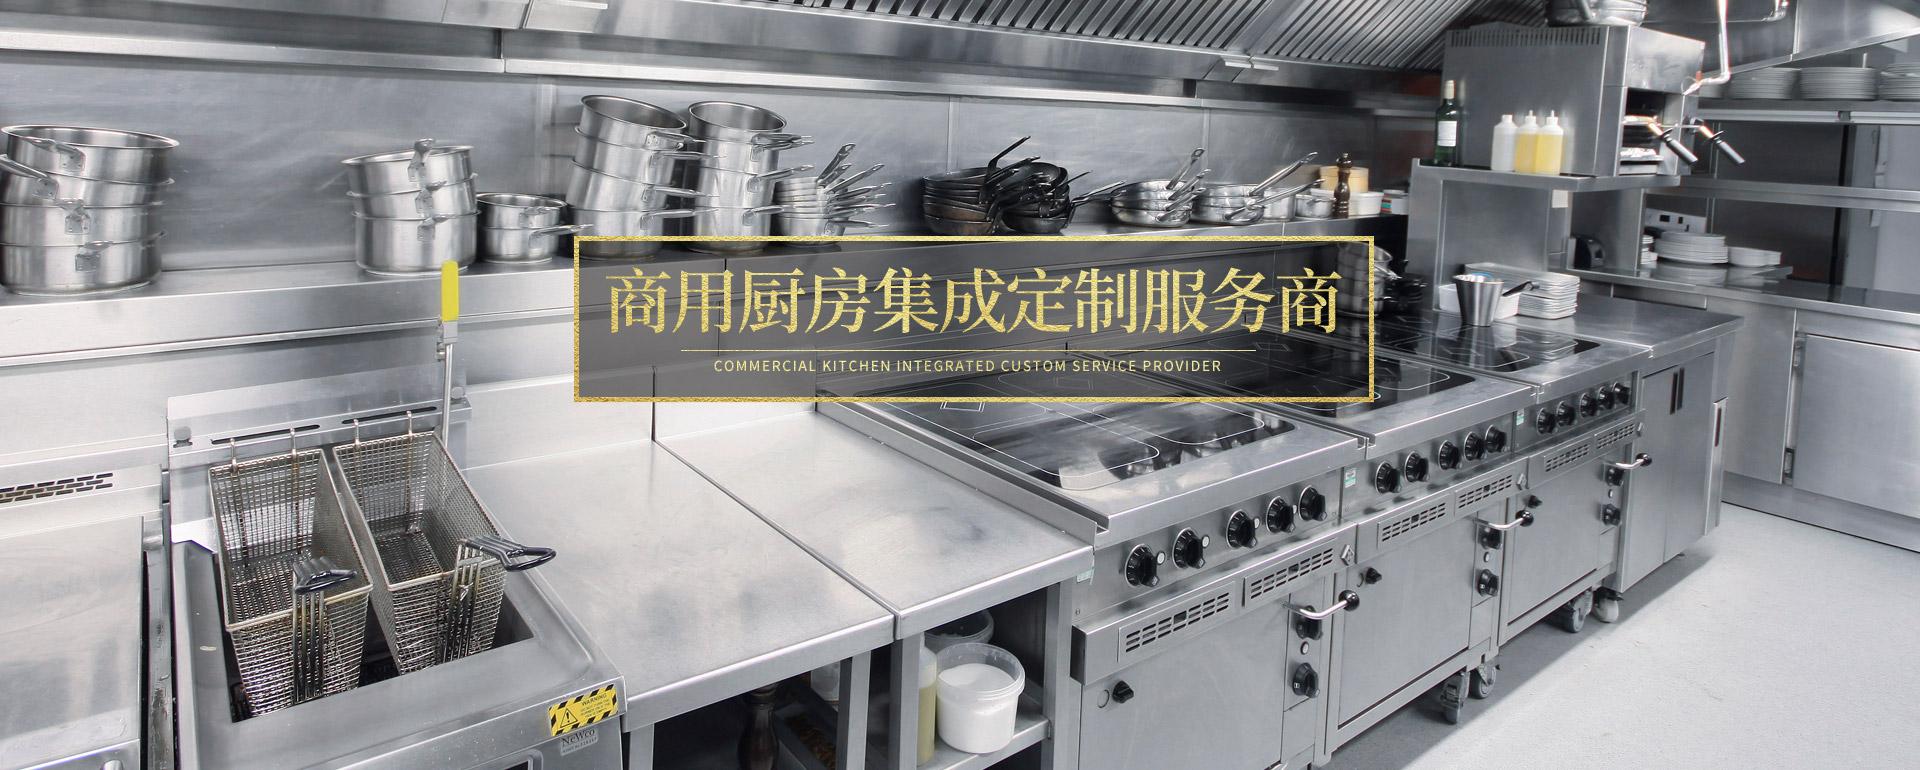 商用廚房工程集成訂制服務商